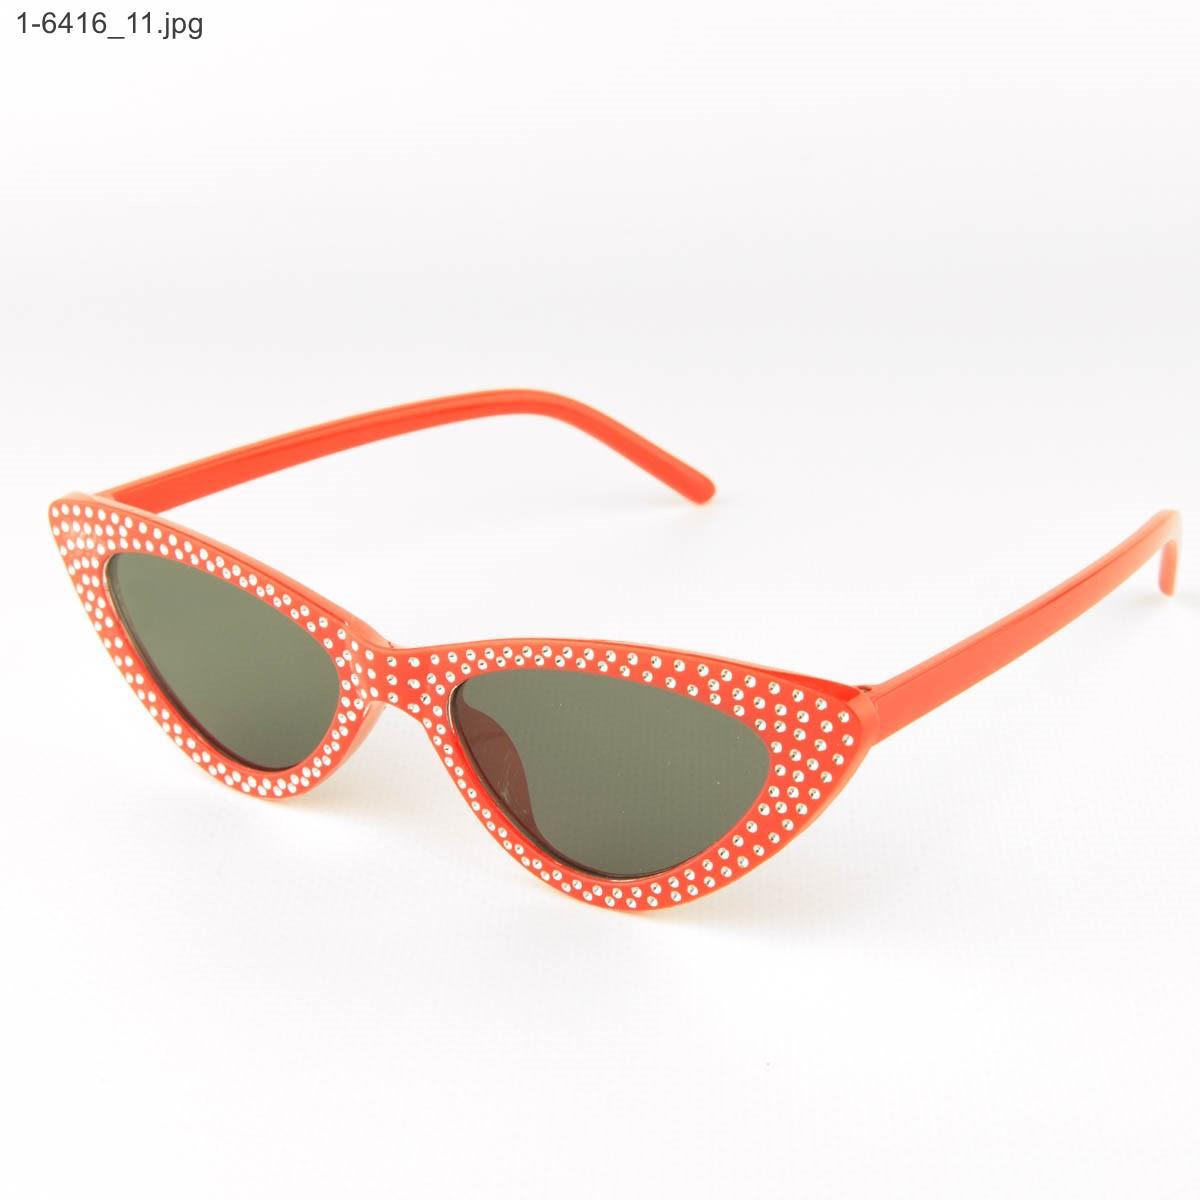 Женские очки кошачий глаз - Красные с черными линзами - 1-6416